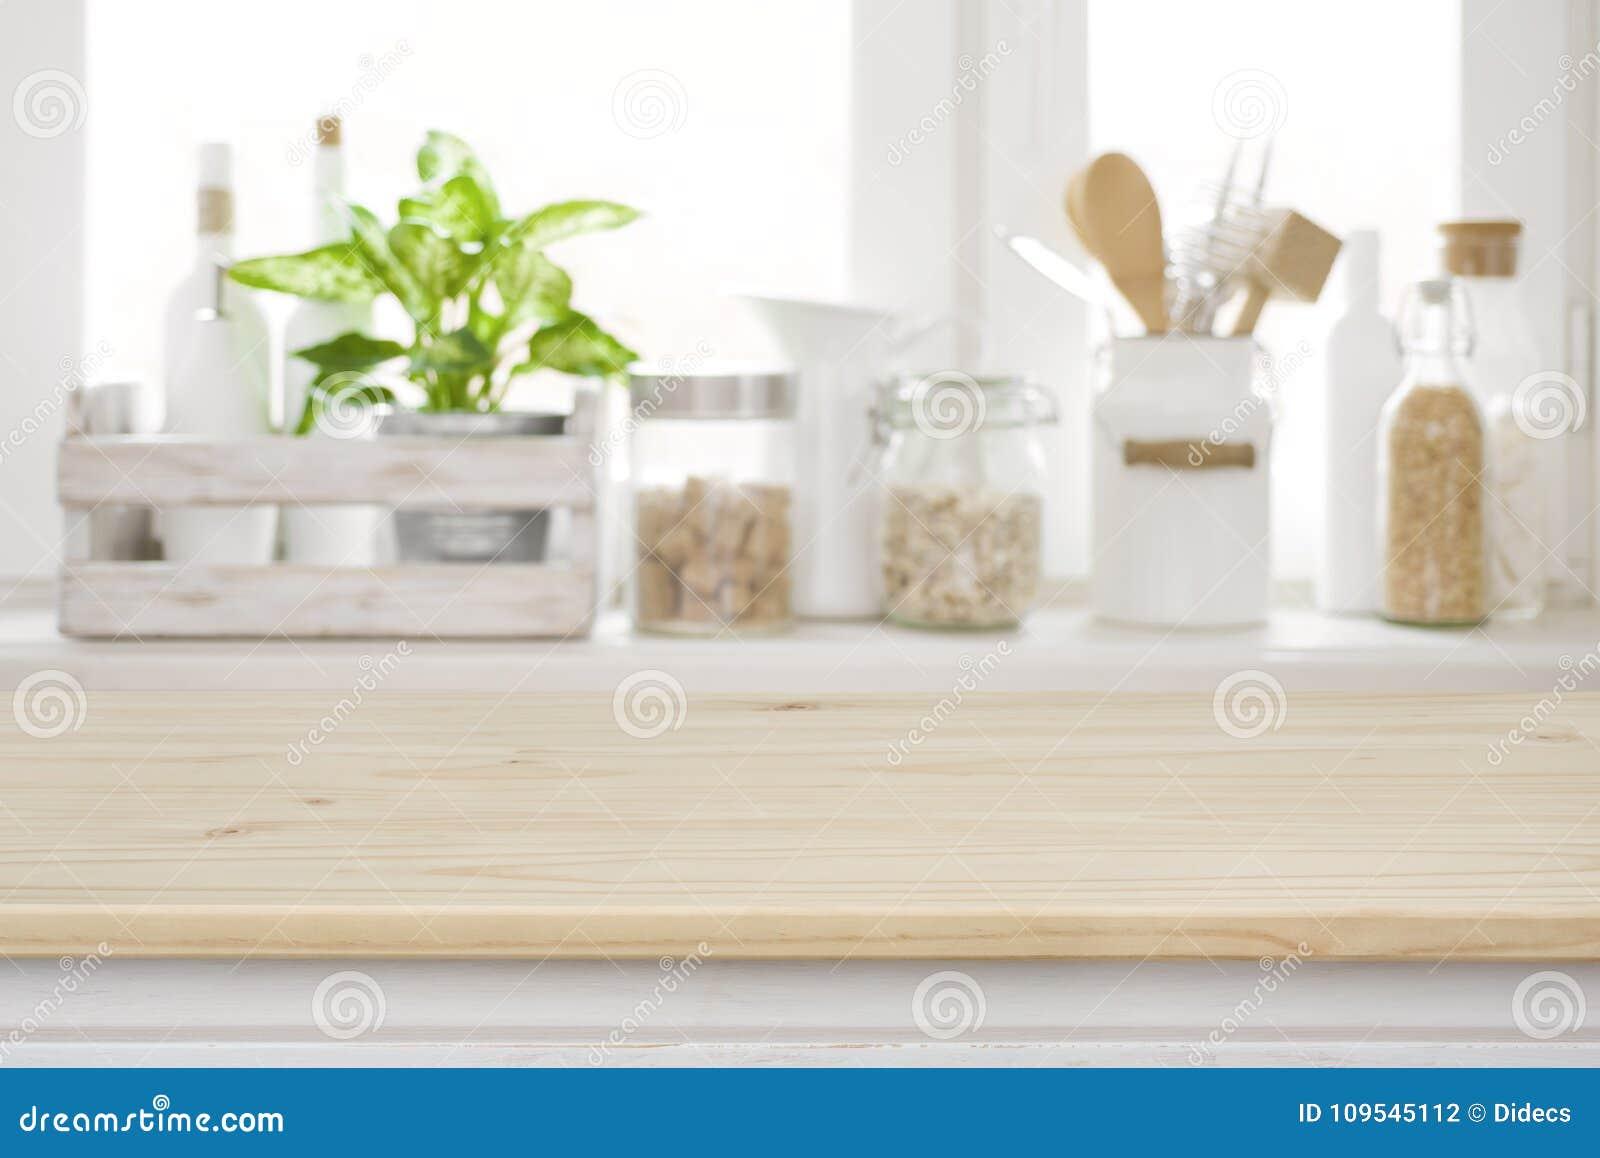 Ξύλινος πίνακας πέρα από τη θολωμένη στρωματοειδή φλέβα παραθύρων κουζινών για την επίδειξη προϊόντων